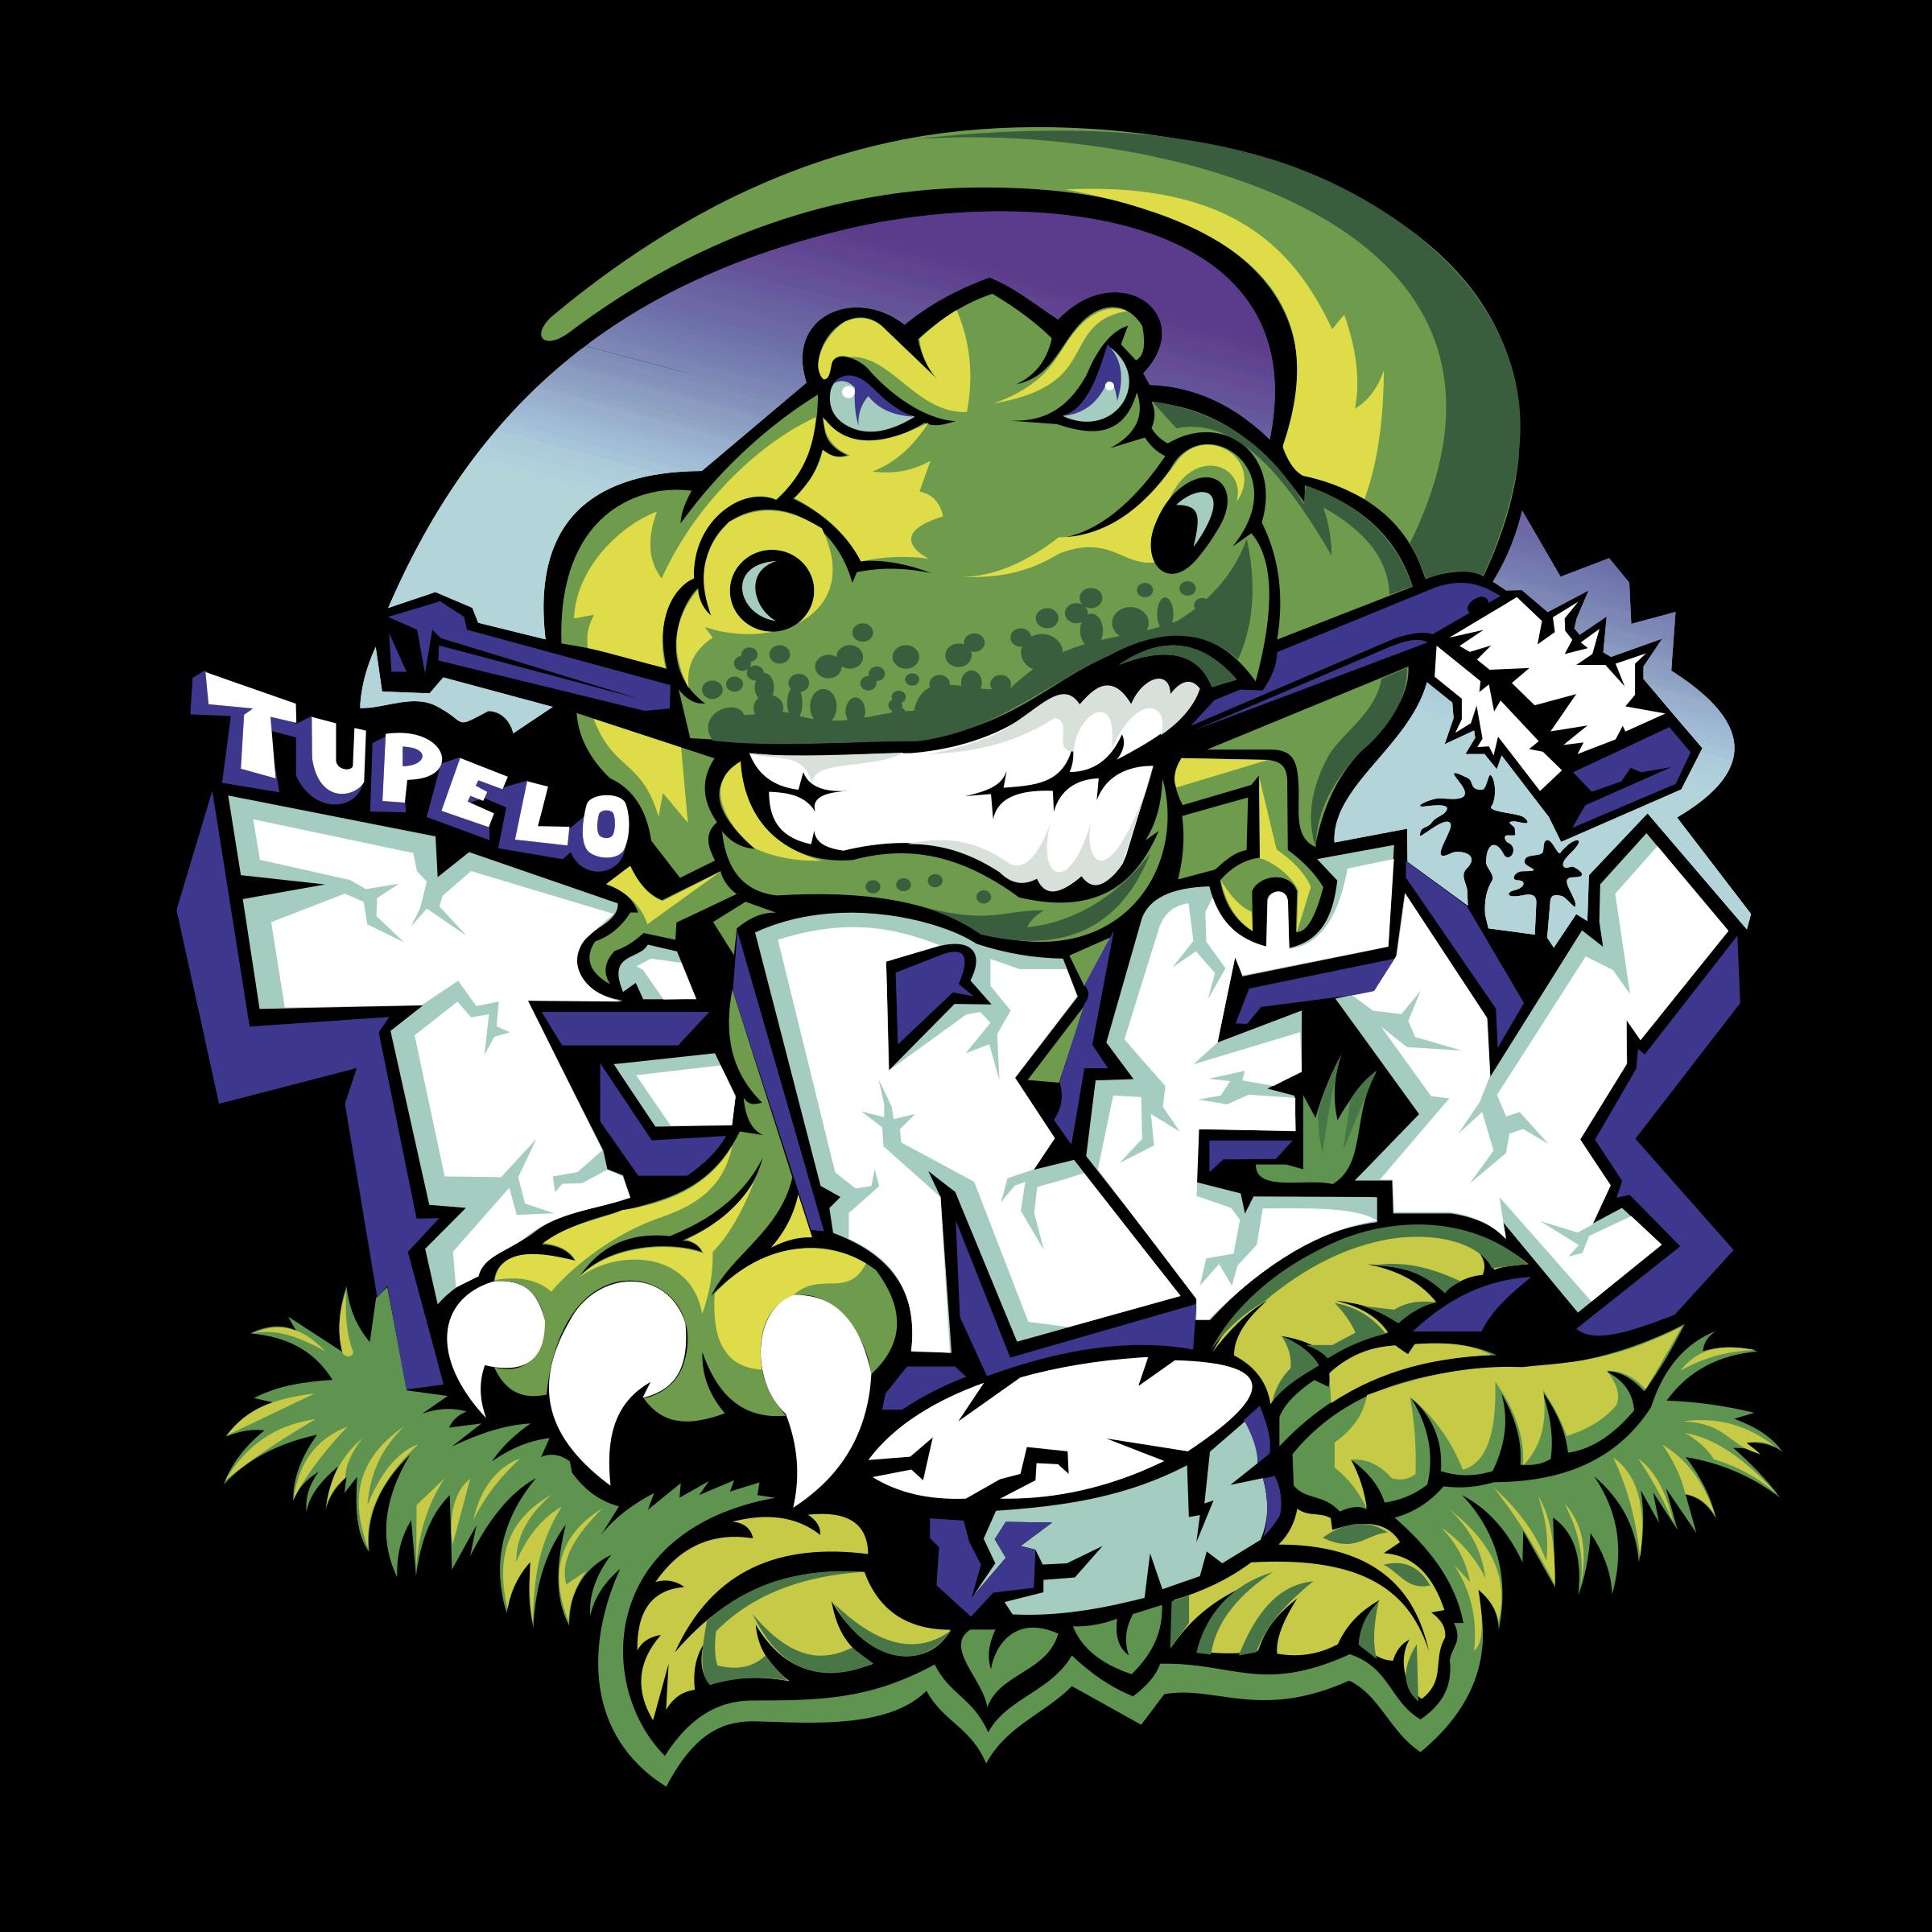 Tupelo t rex logo. Trex clipart vector